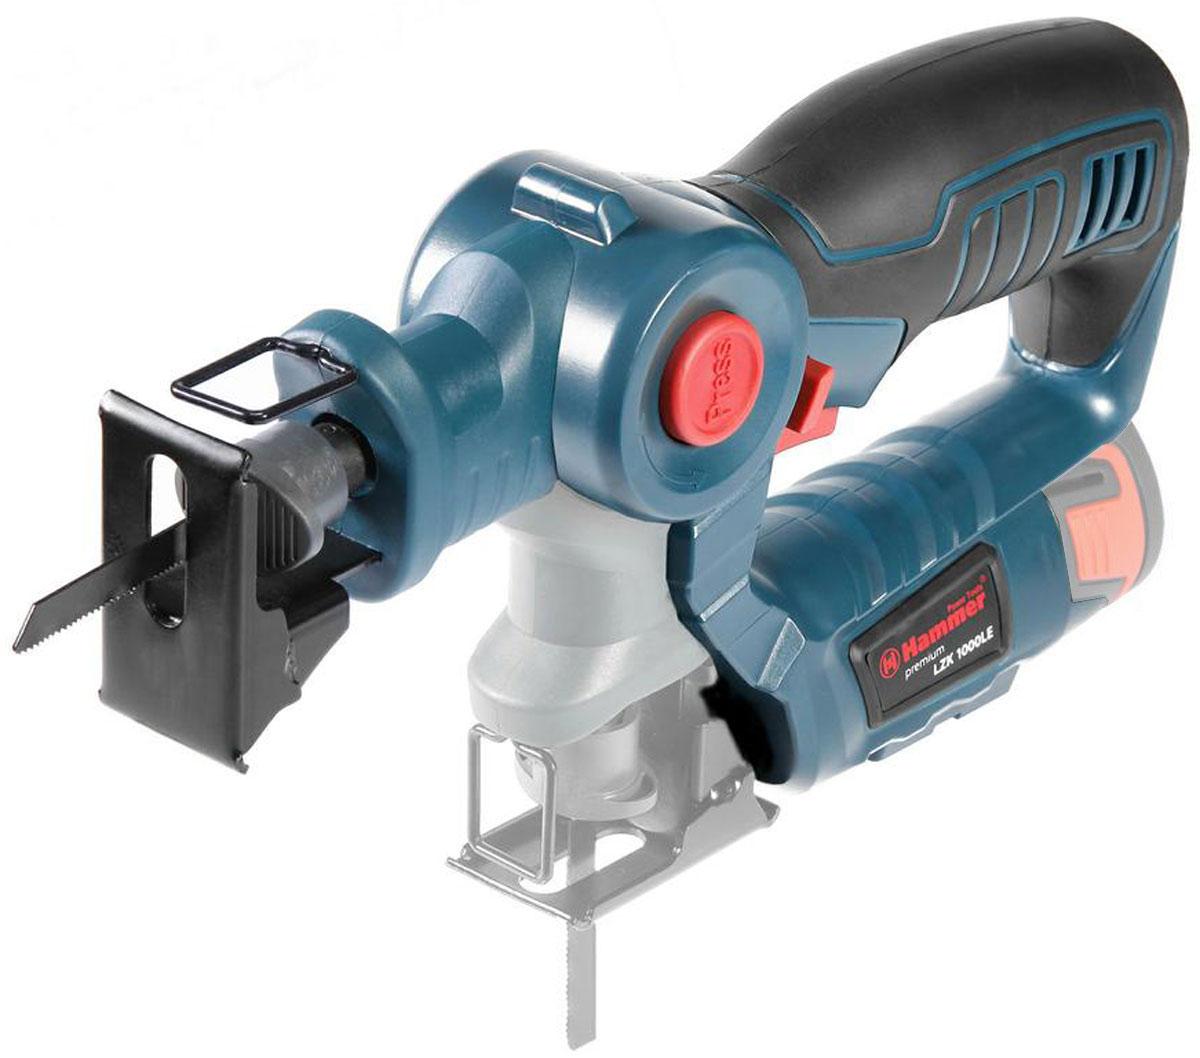 Лобзик-сабельная пила Hammer LZK1000LE PREMIUM (без аккумулятора) набор лобзик hammer lzk1000le ab120le zu120le